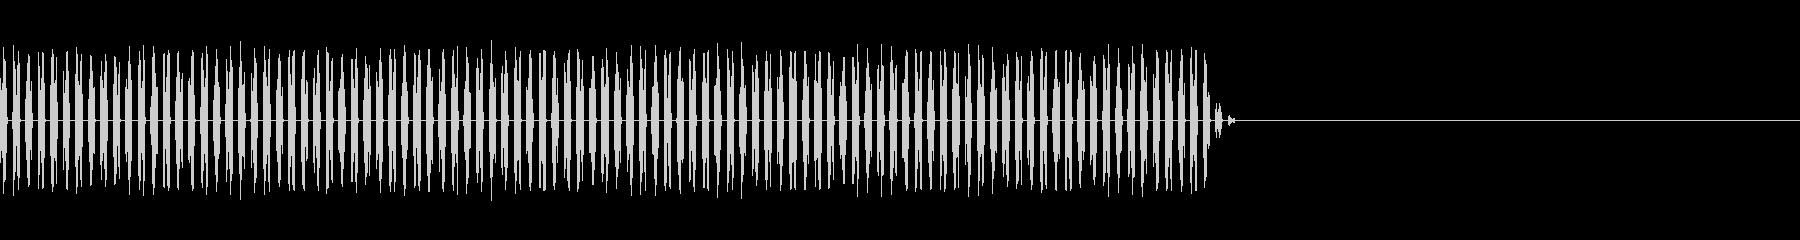 回転音(軽い)1の未再生の波形